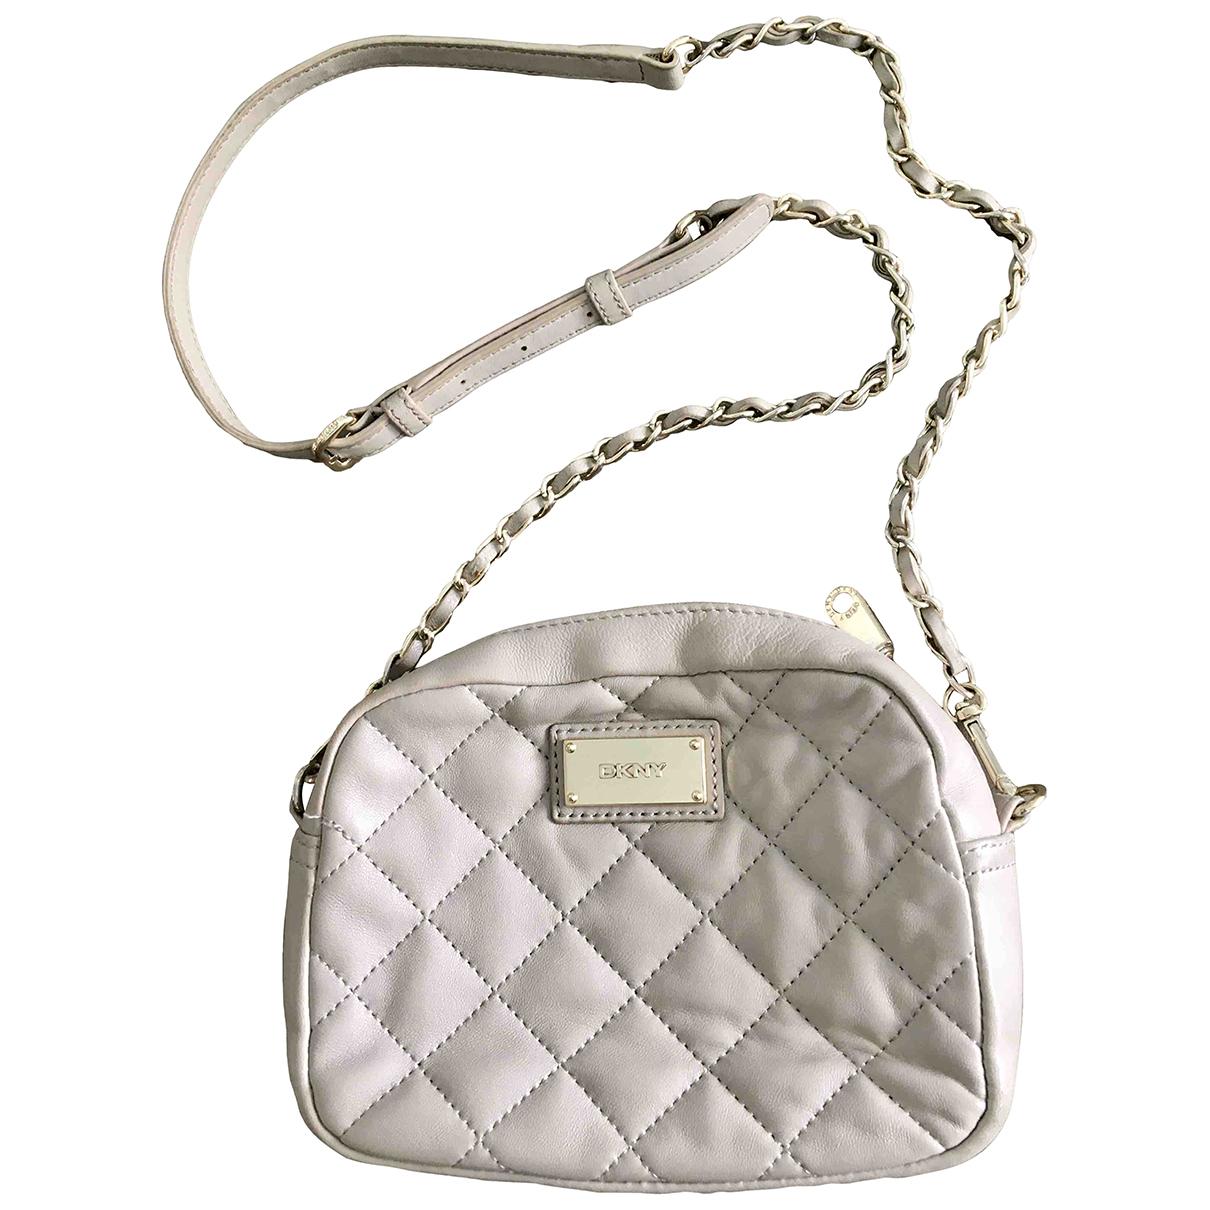 Dkny \N Handtasche in  Grau Leder